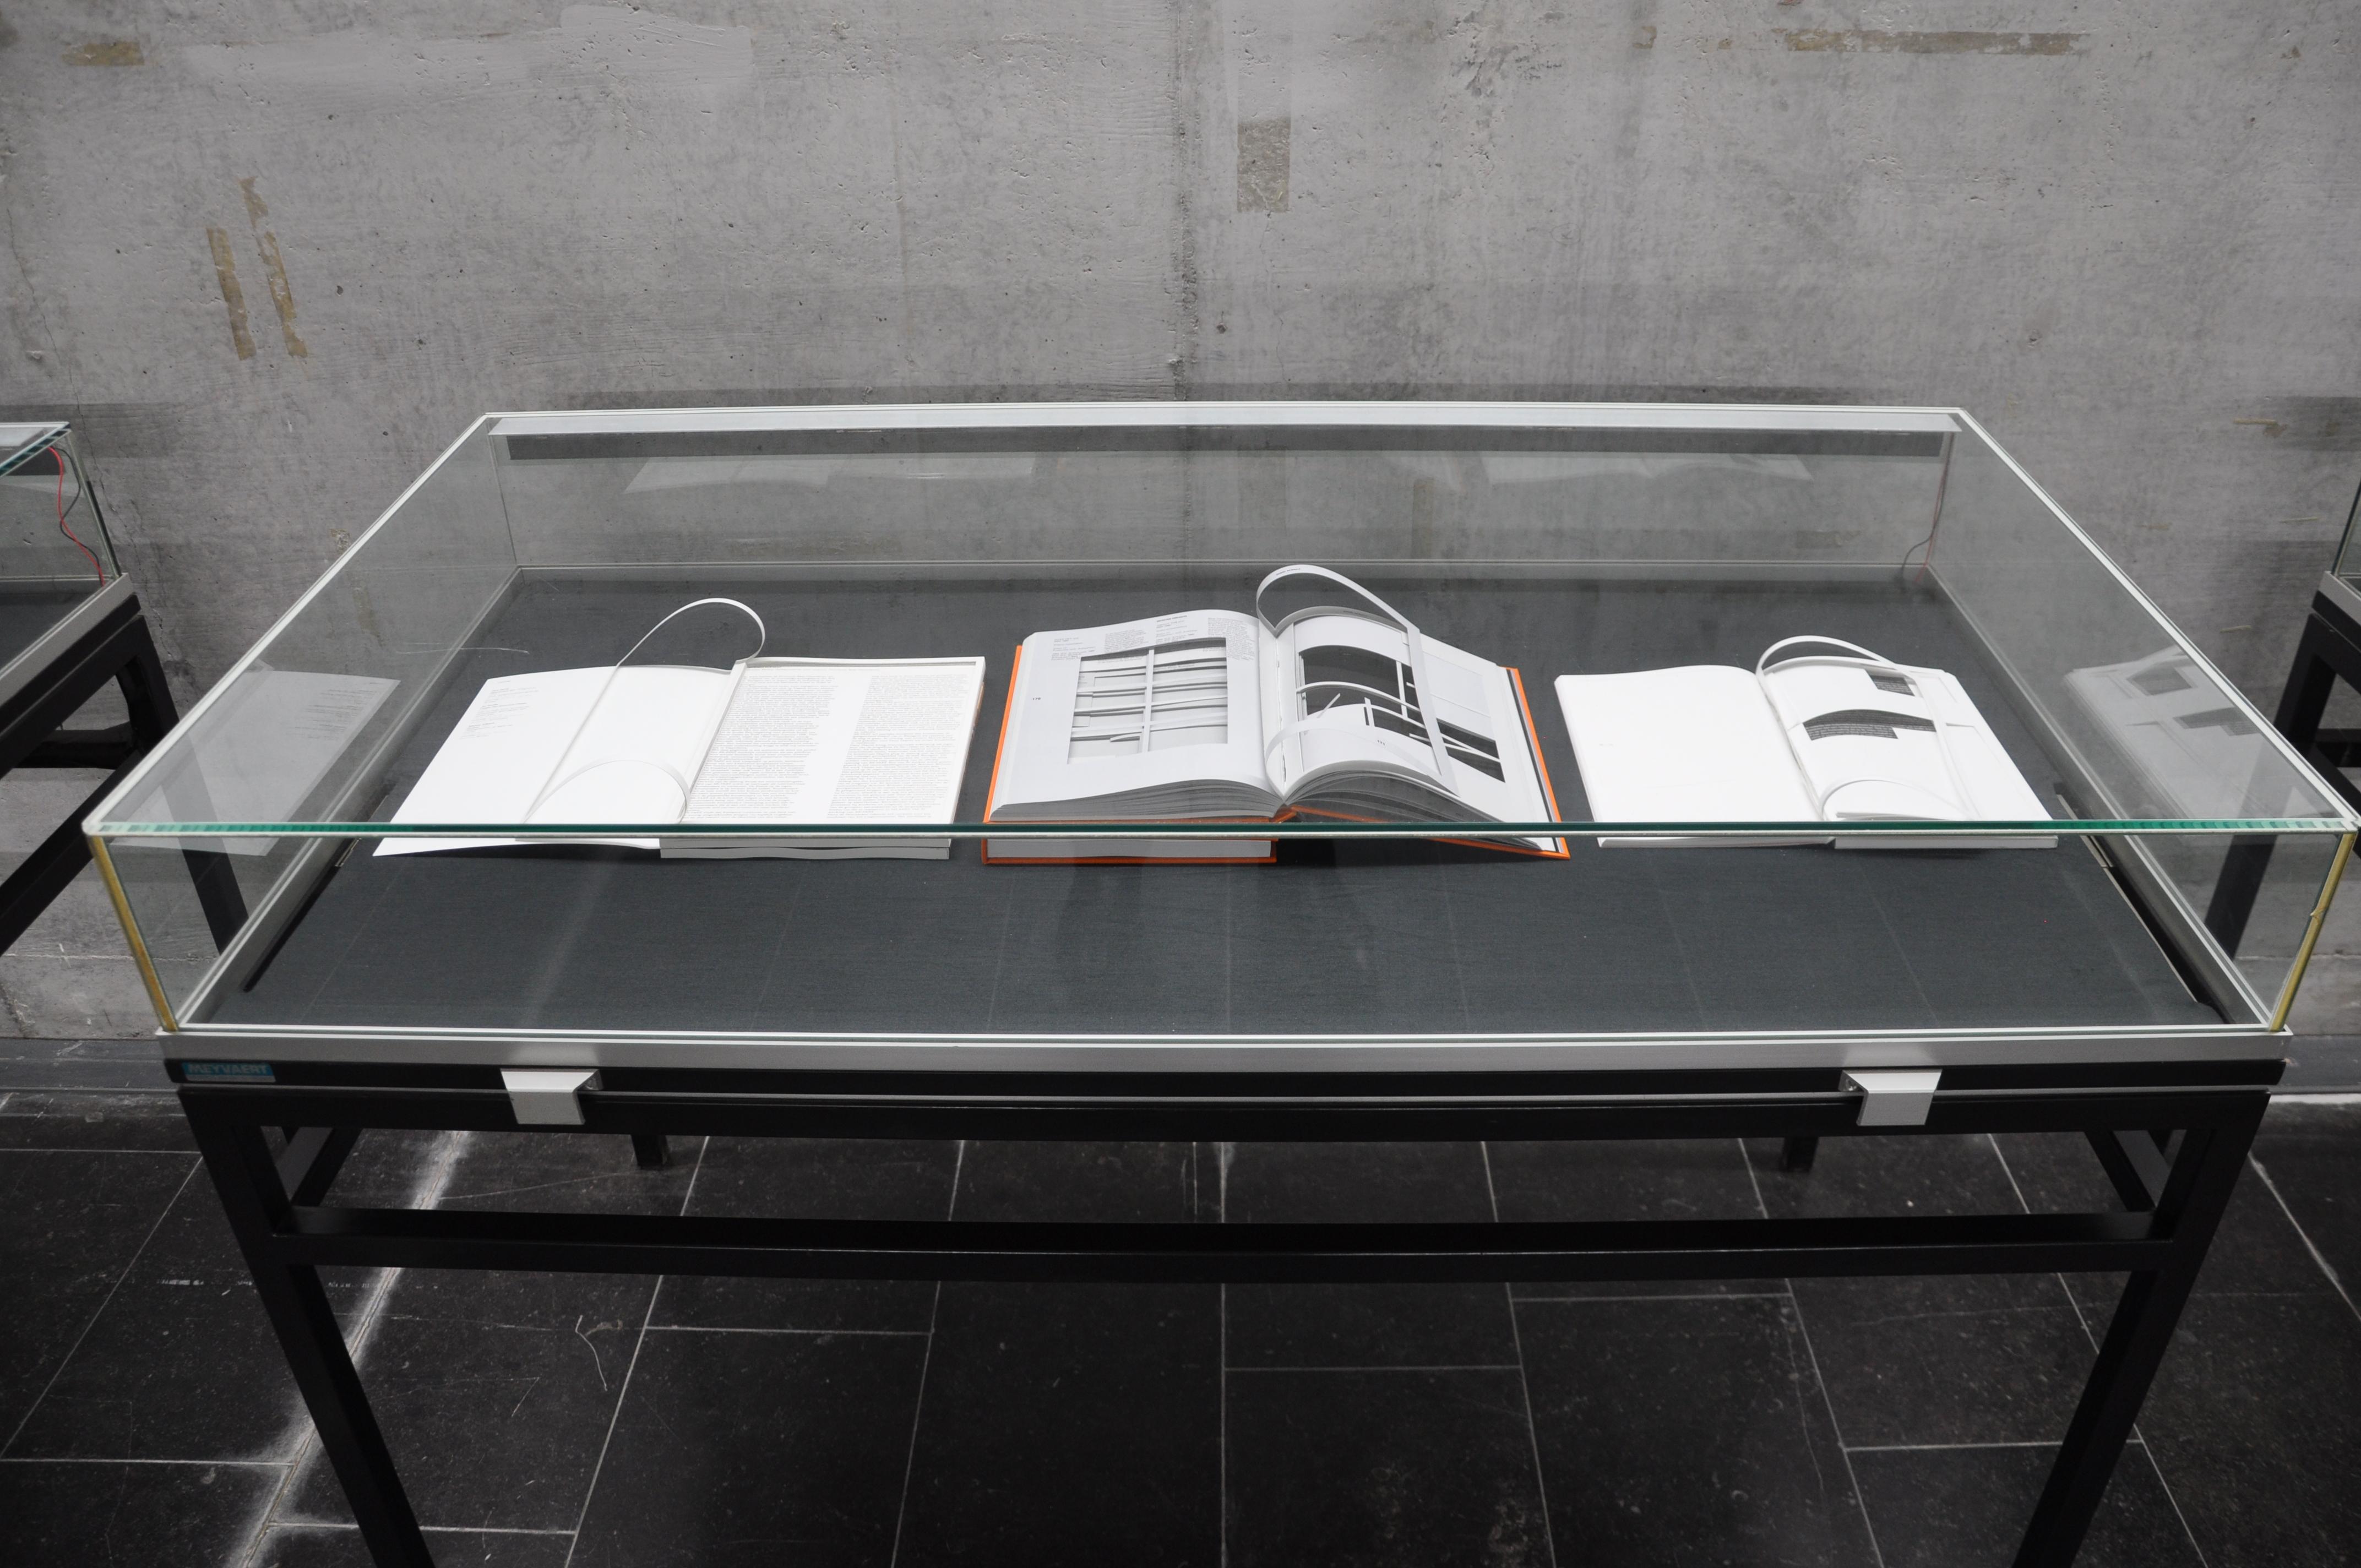 Boekpresentatie 'RIEN A VOIR!'_Be-Part, Waregem_2013 05 05